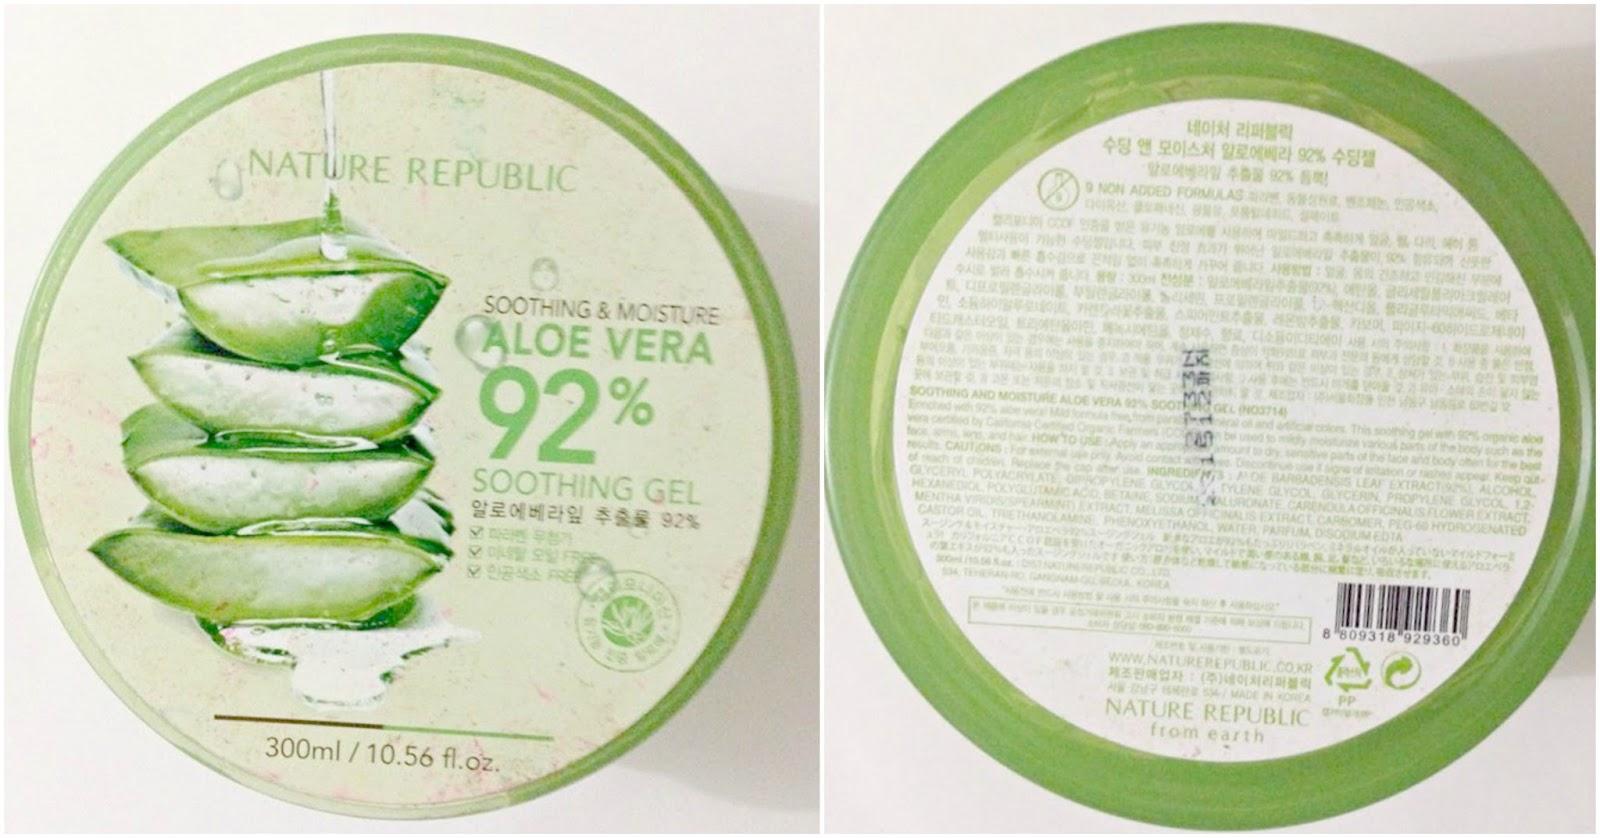 Nature Republic Aloe Vera Real Vs Fake